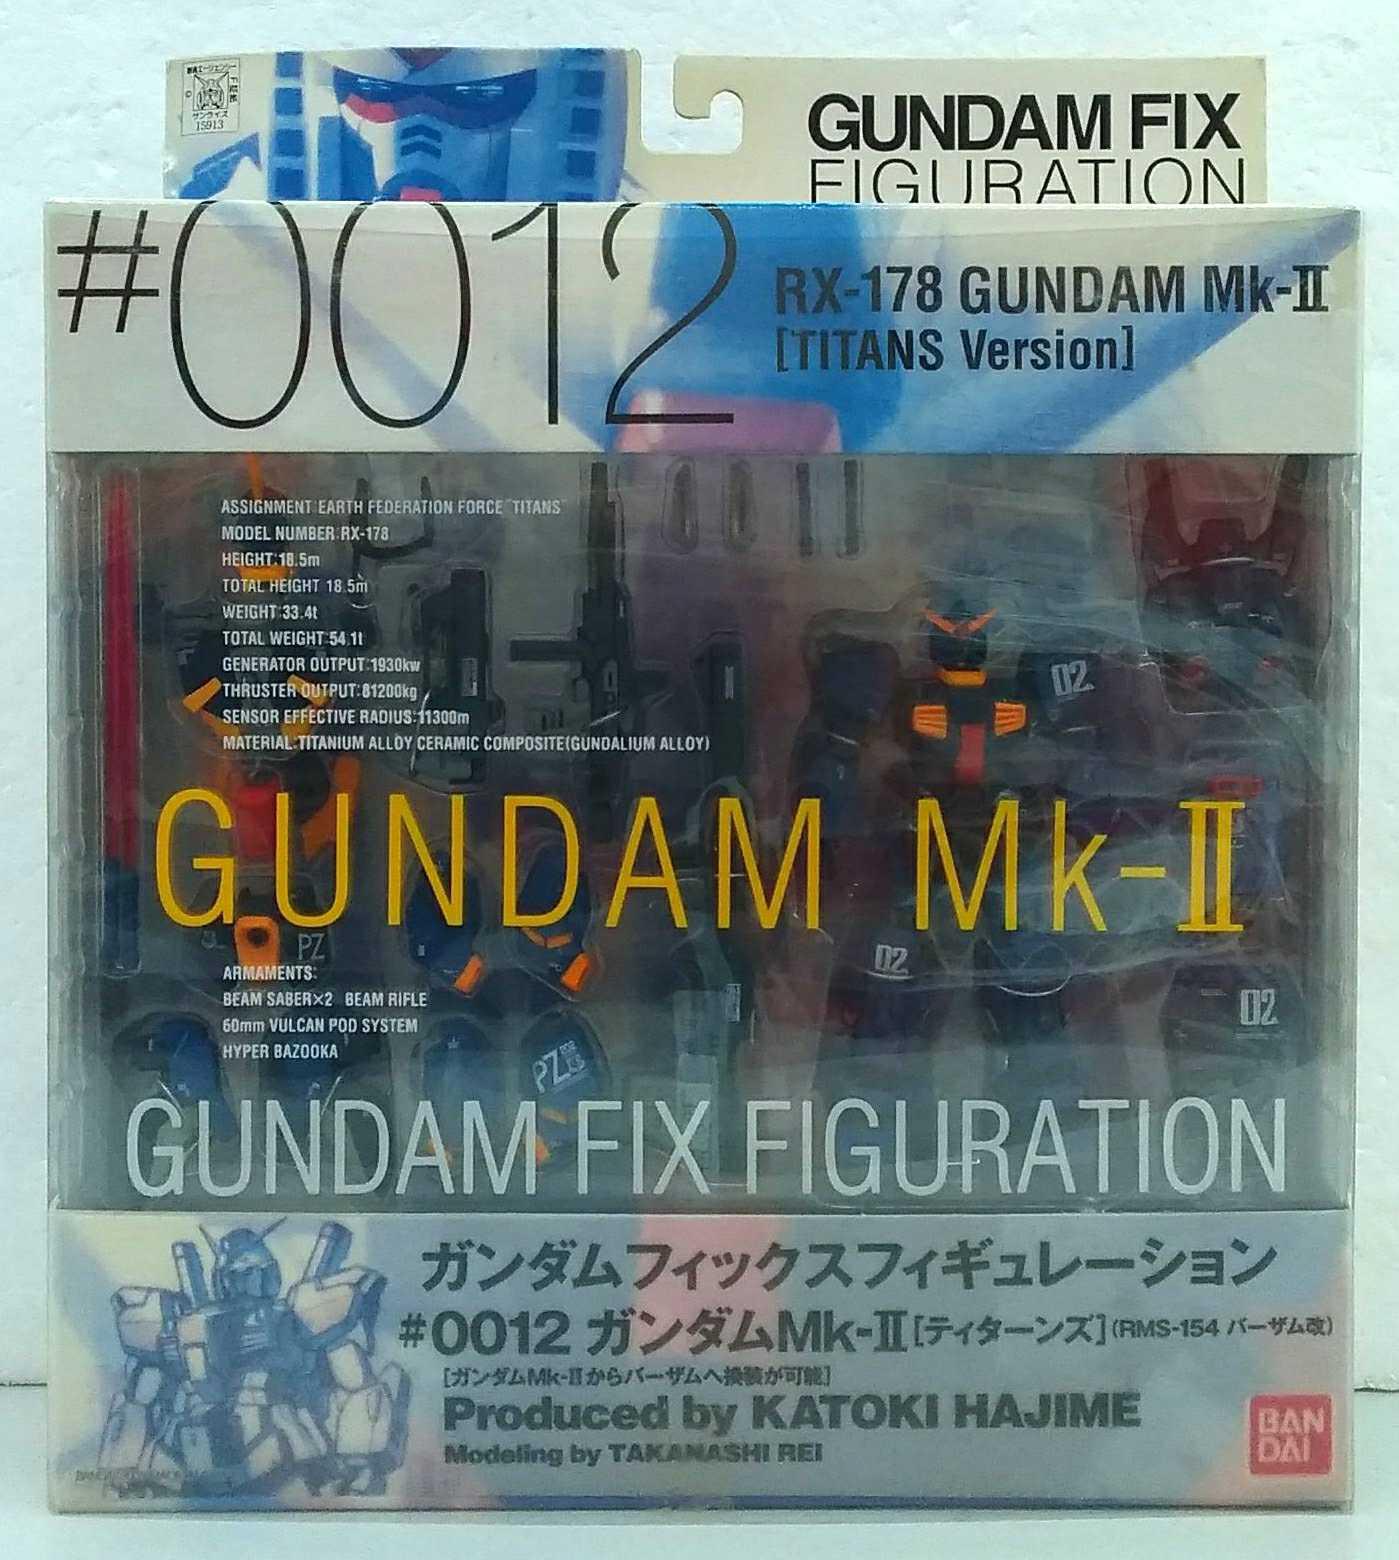 #0012 ガンダムMK-Ⅱ (ティターンズ)|バンダイ